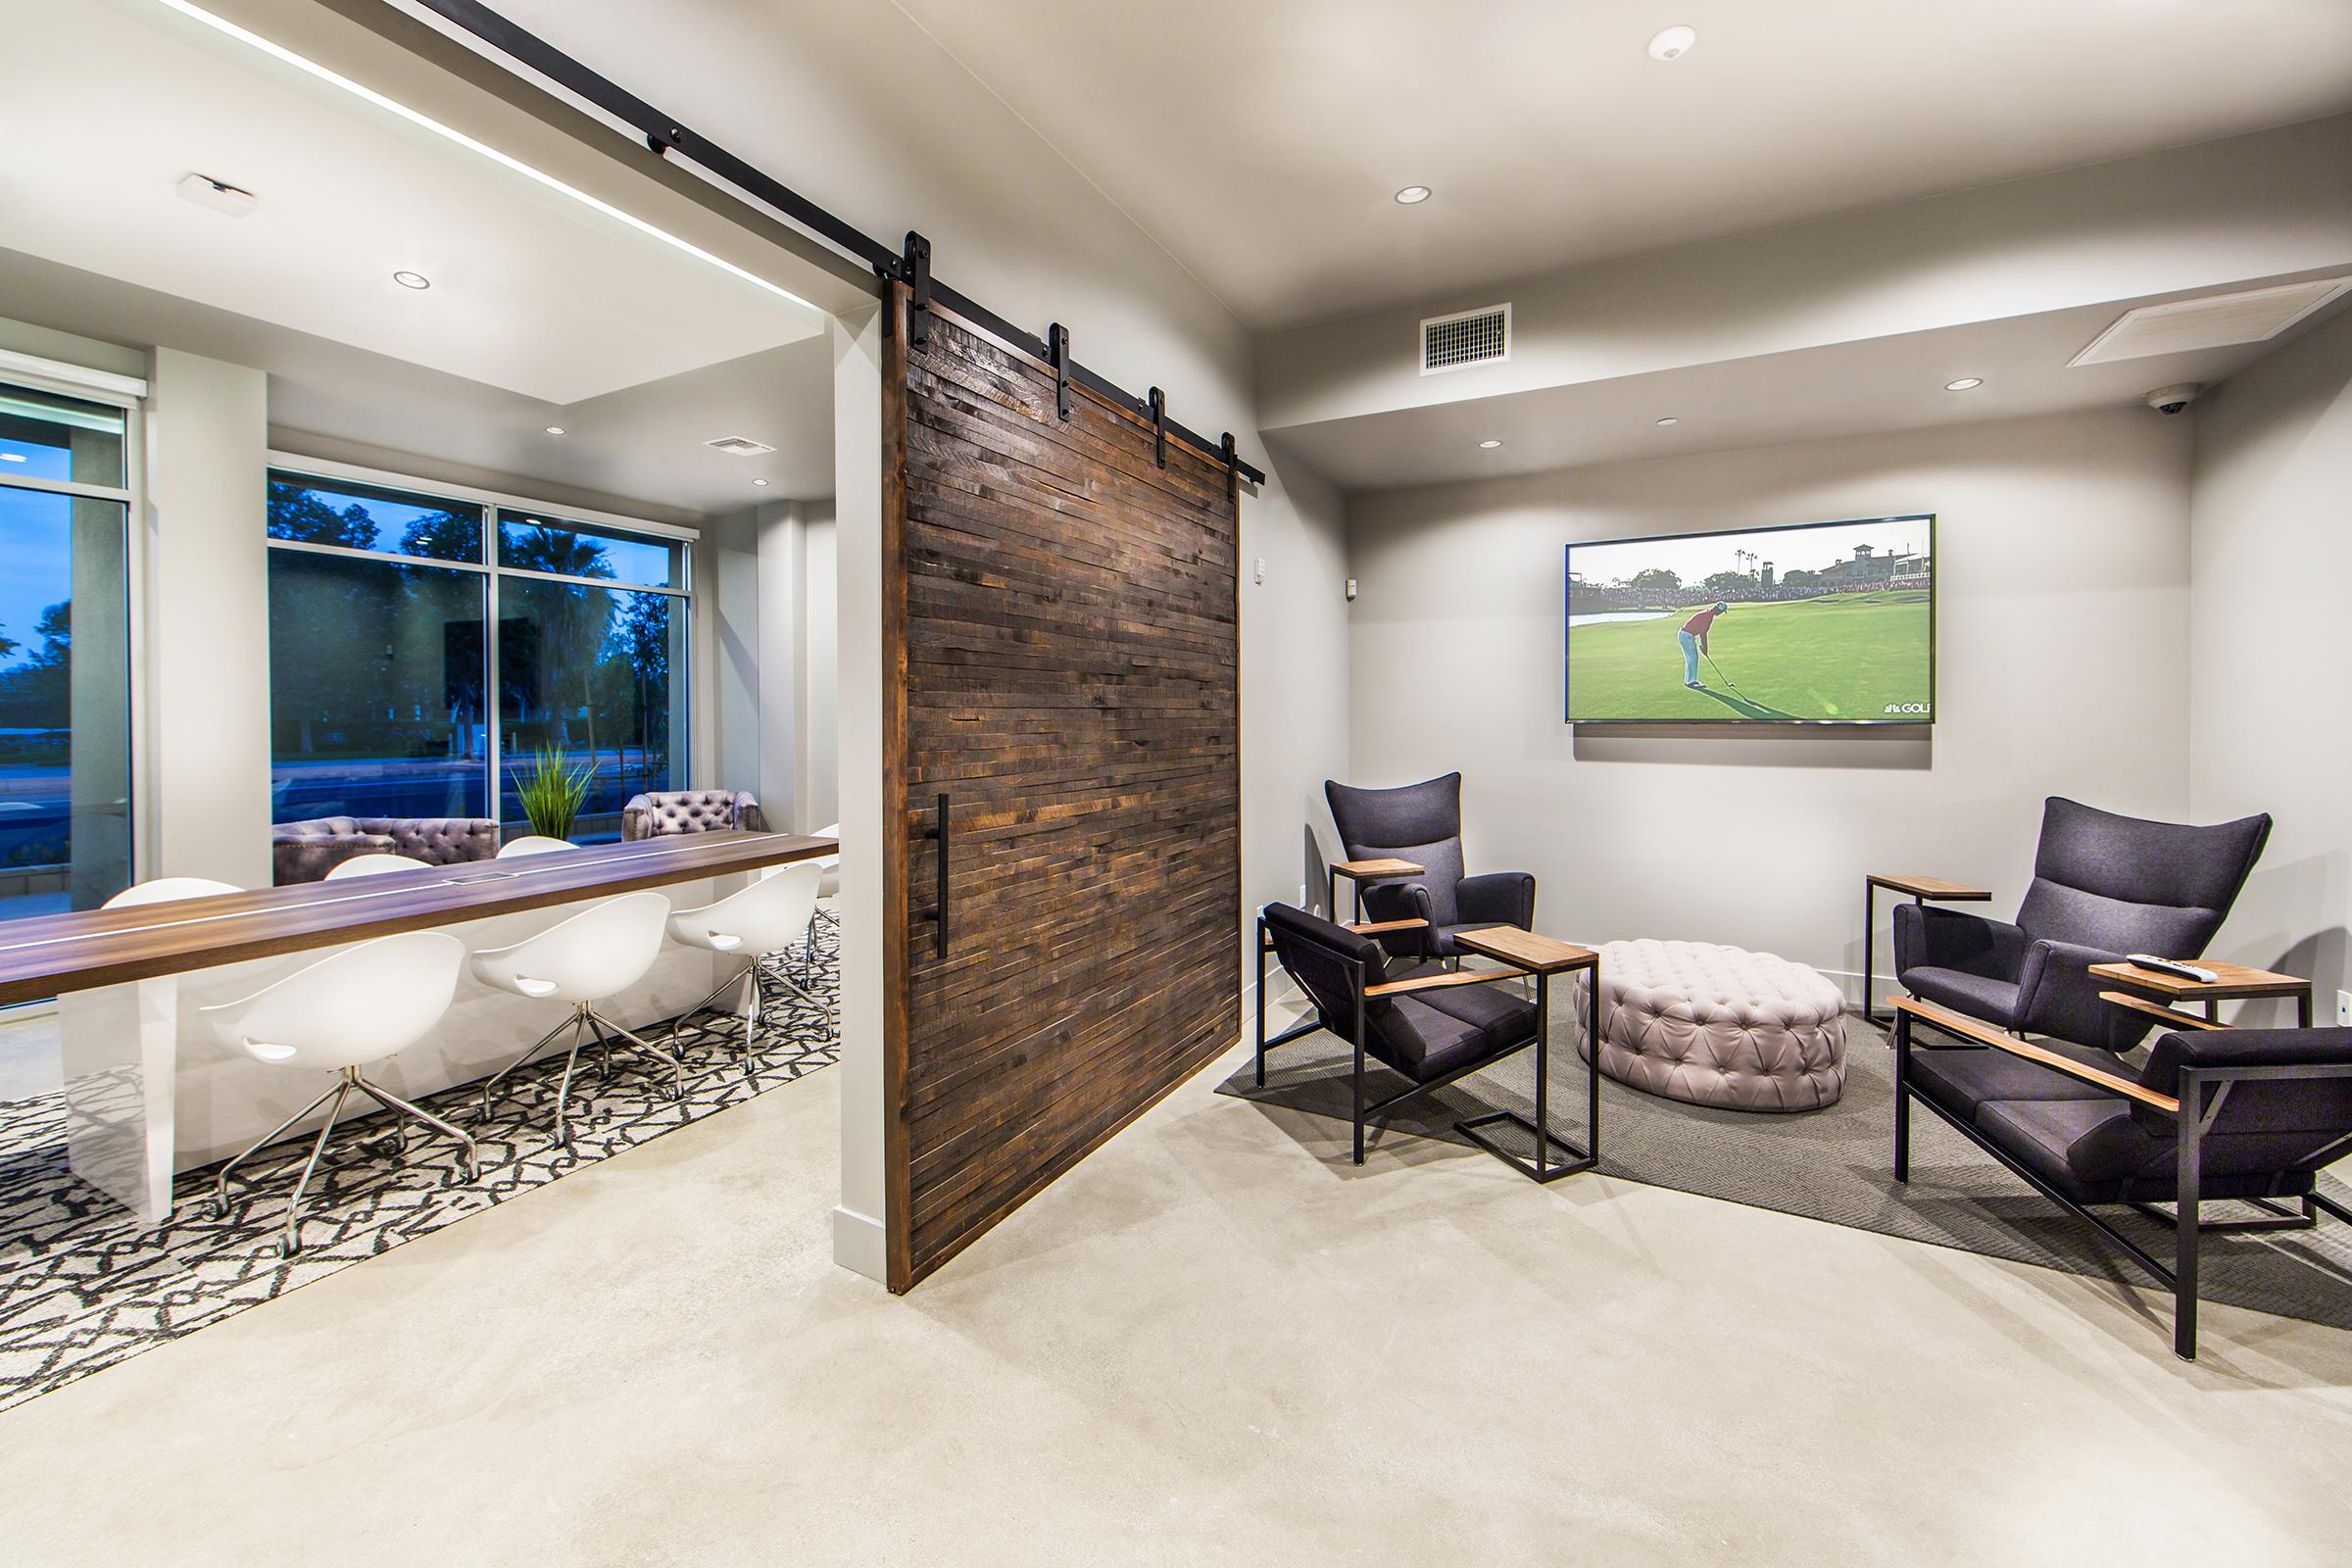 Millennial Homebuyers Spurring Suburban Trends